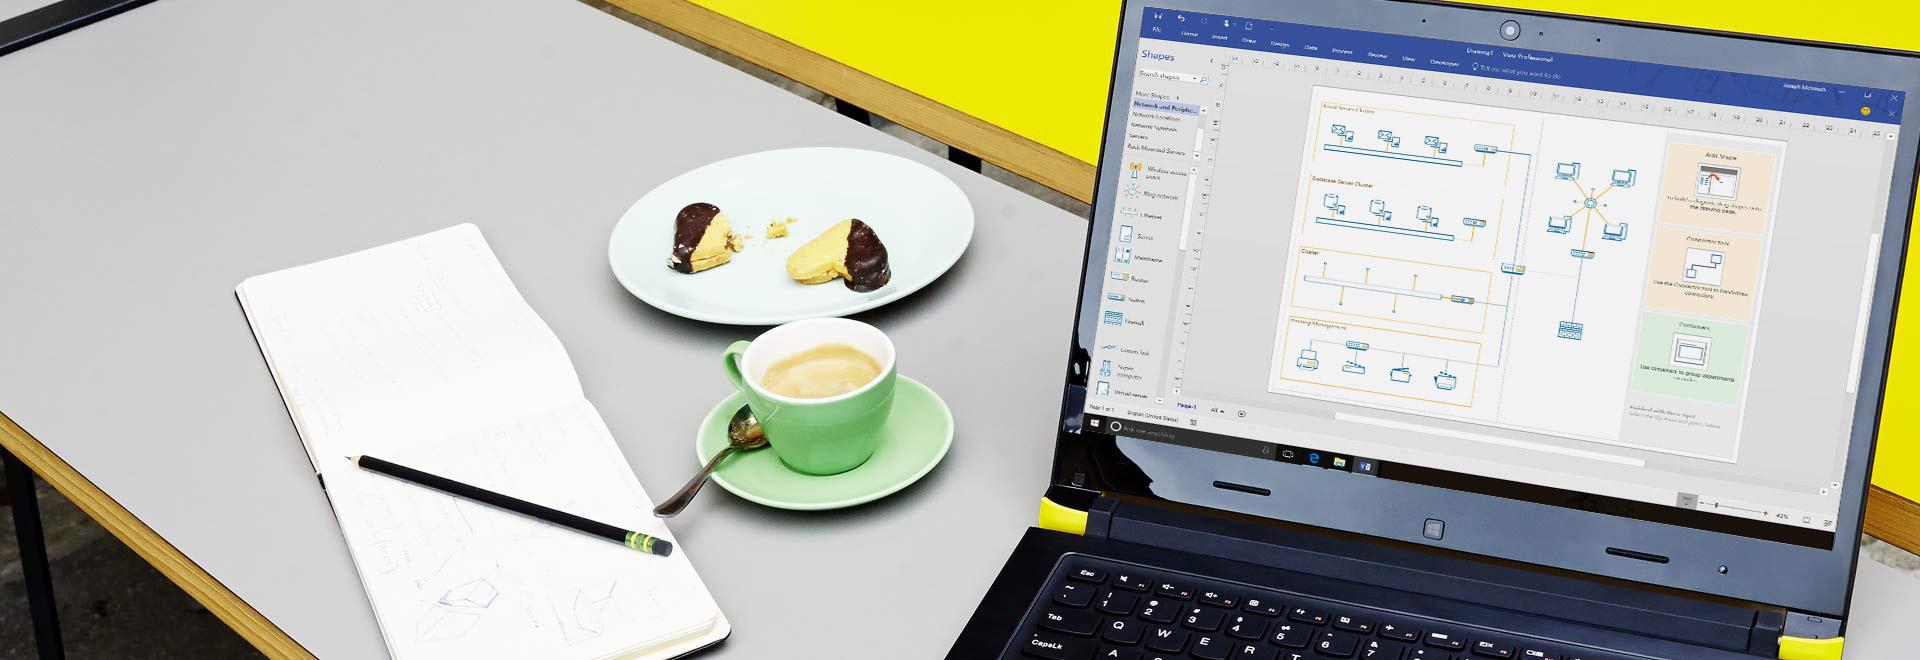 Lähivõte laual oleva sülearvuti ekraanist, kus on näha redigeerimislindi ja -paaniga Visio skeem